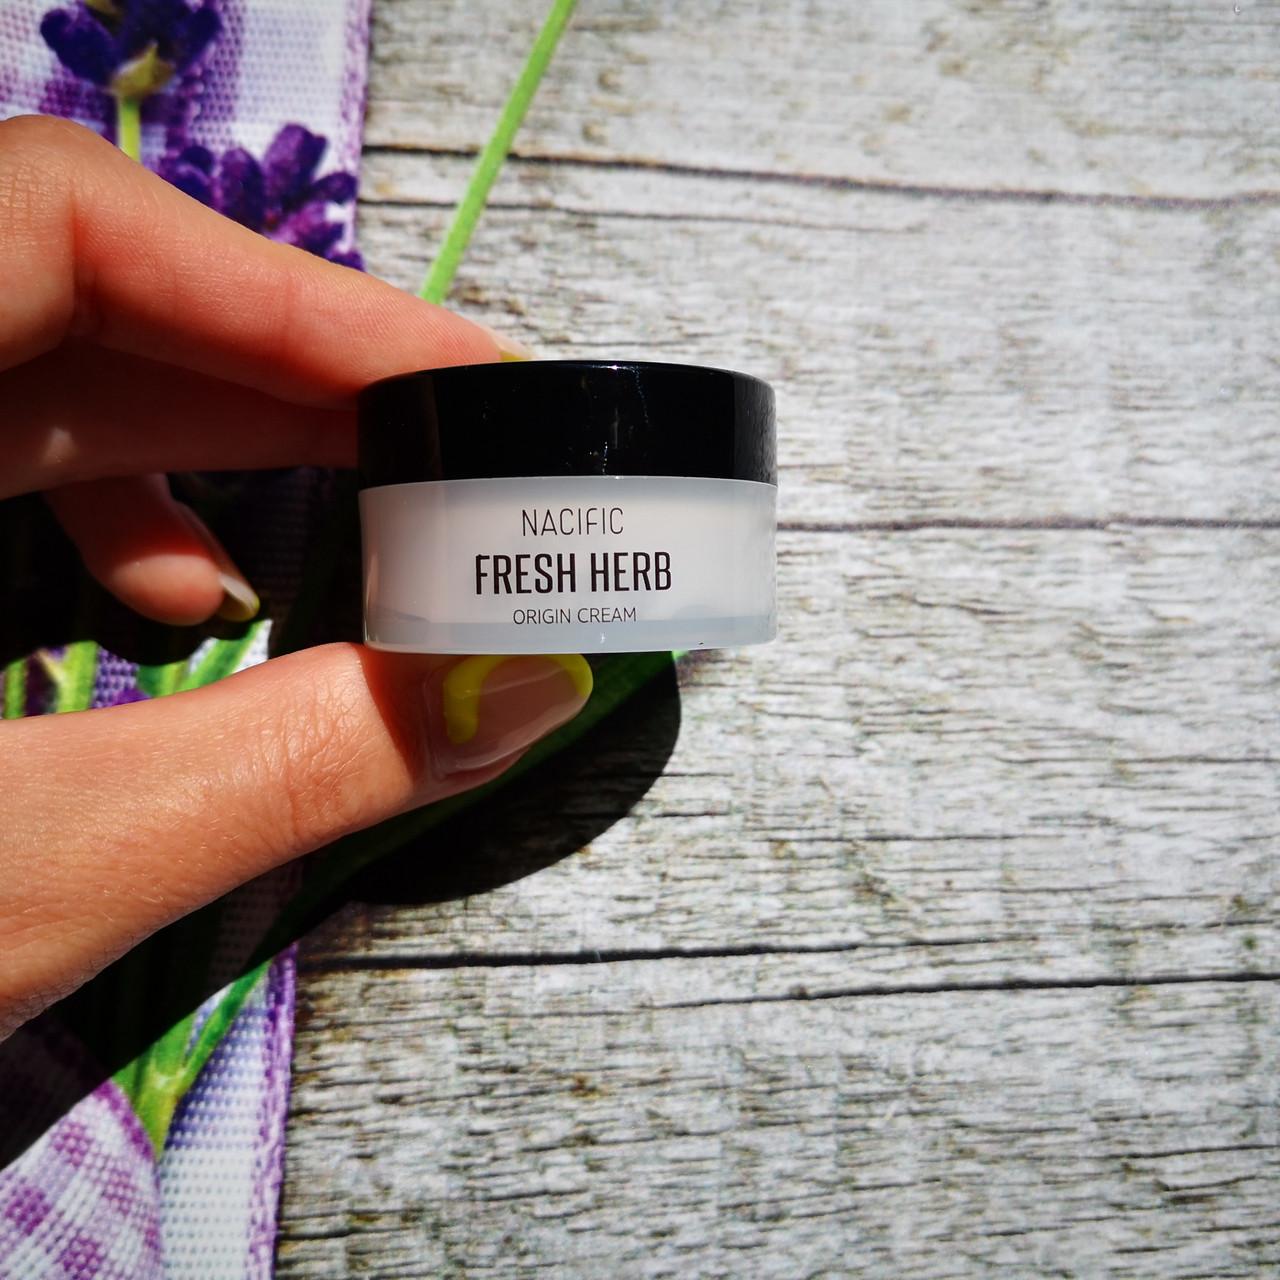 NACIFIC Увлажняющий антивозрастной крем Fresh Herb Origin Cream